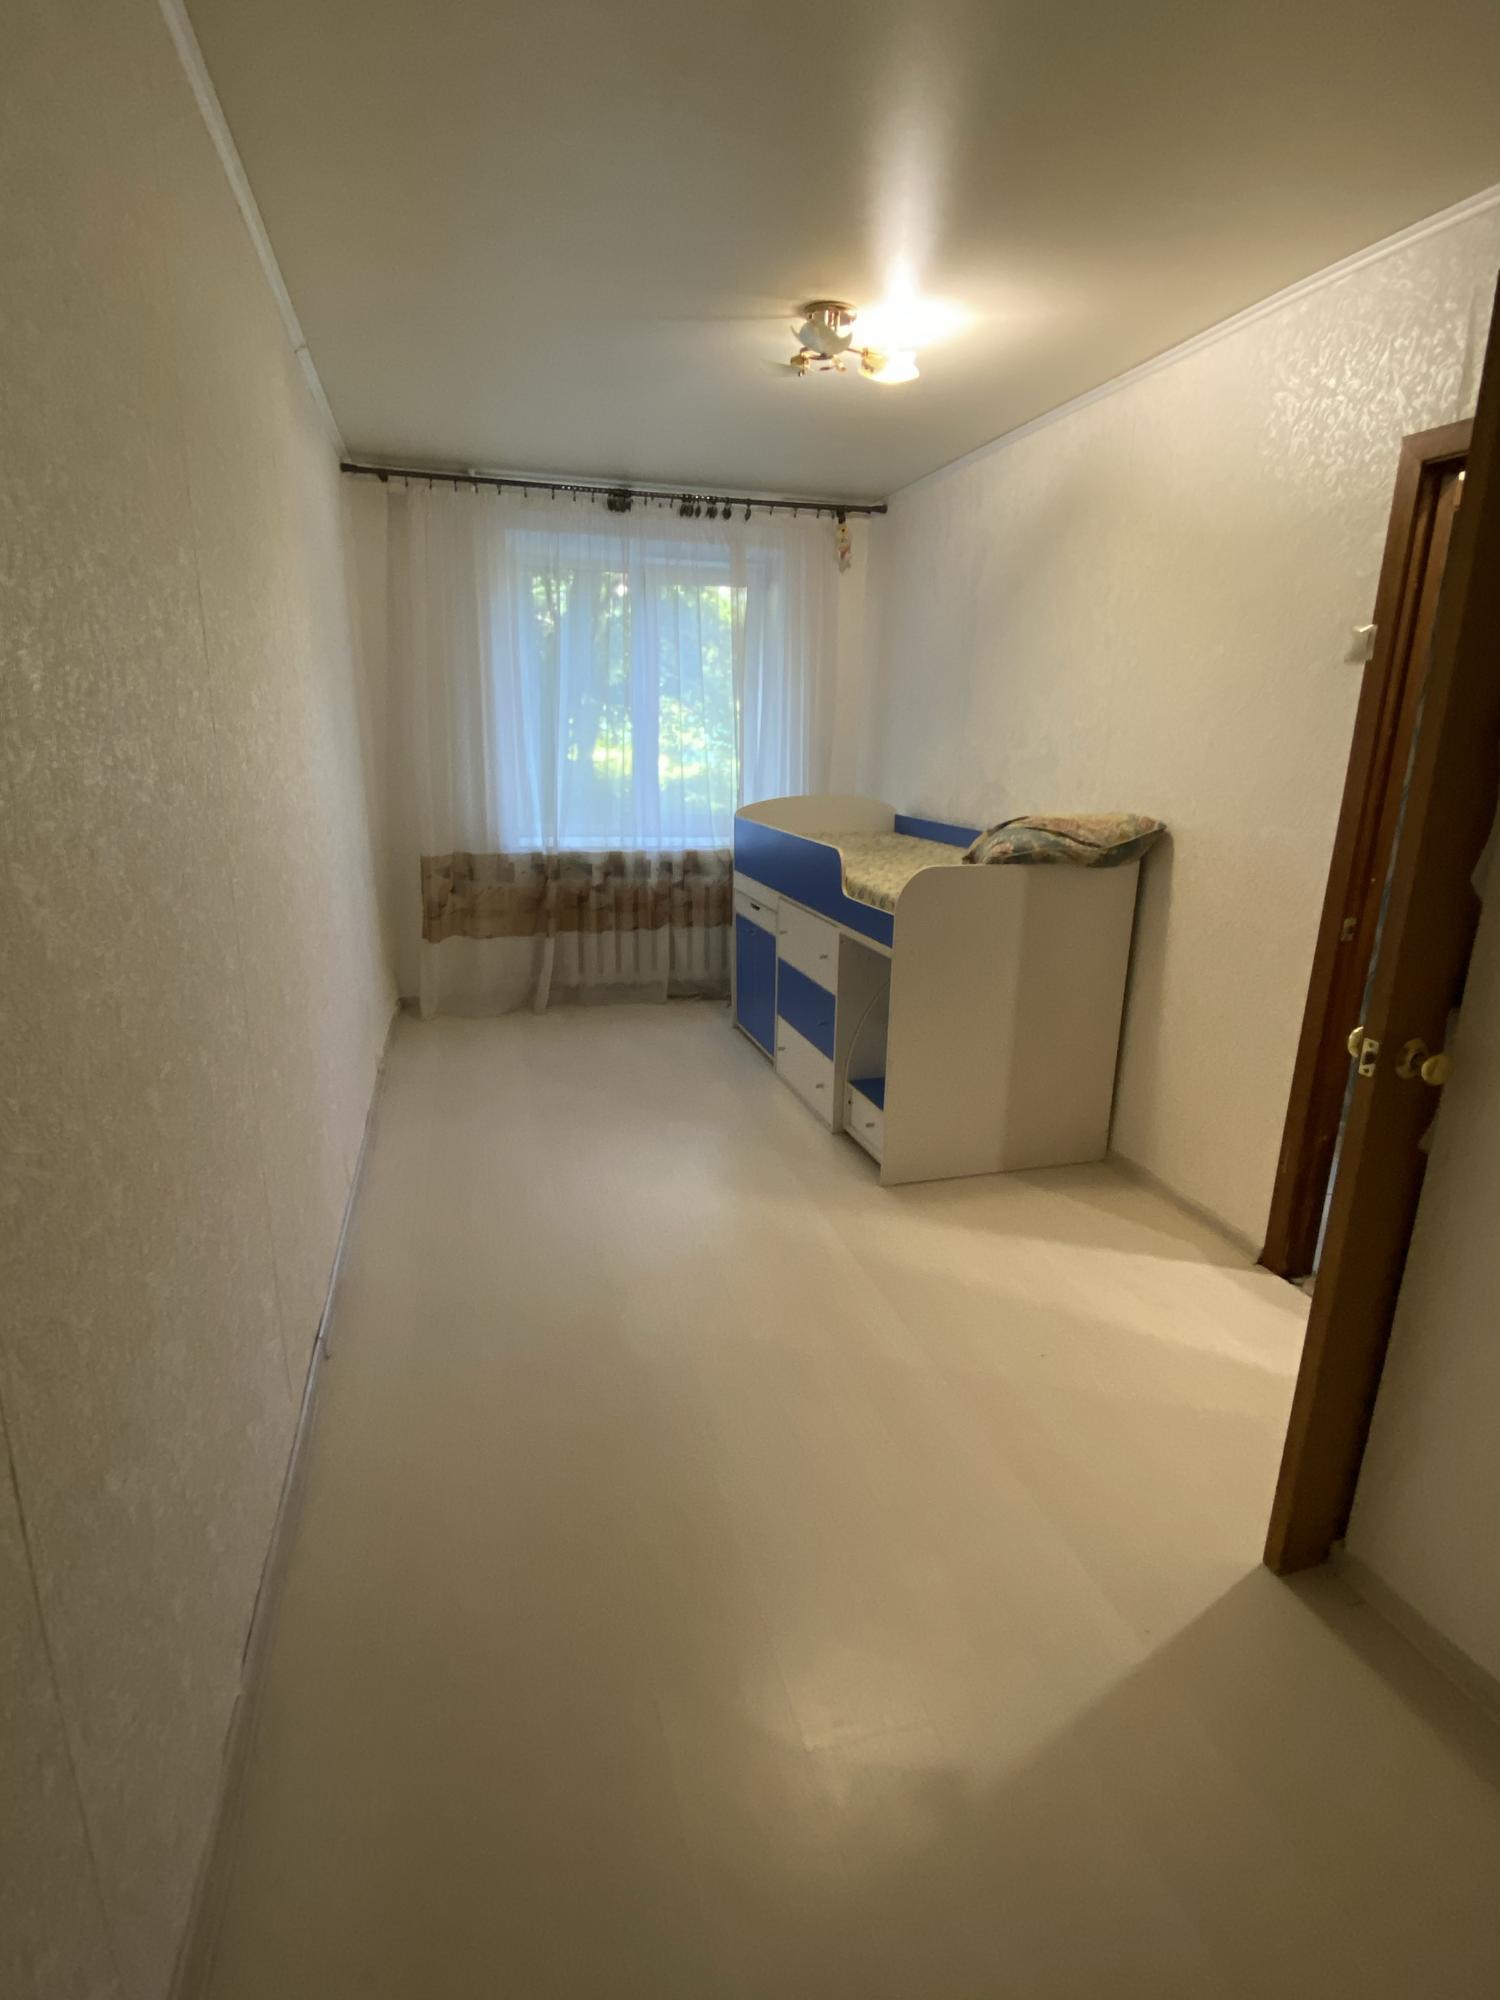 Квартира, 2 комнаты, 43 м² в Пушкино 89773266704 купить 4